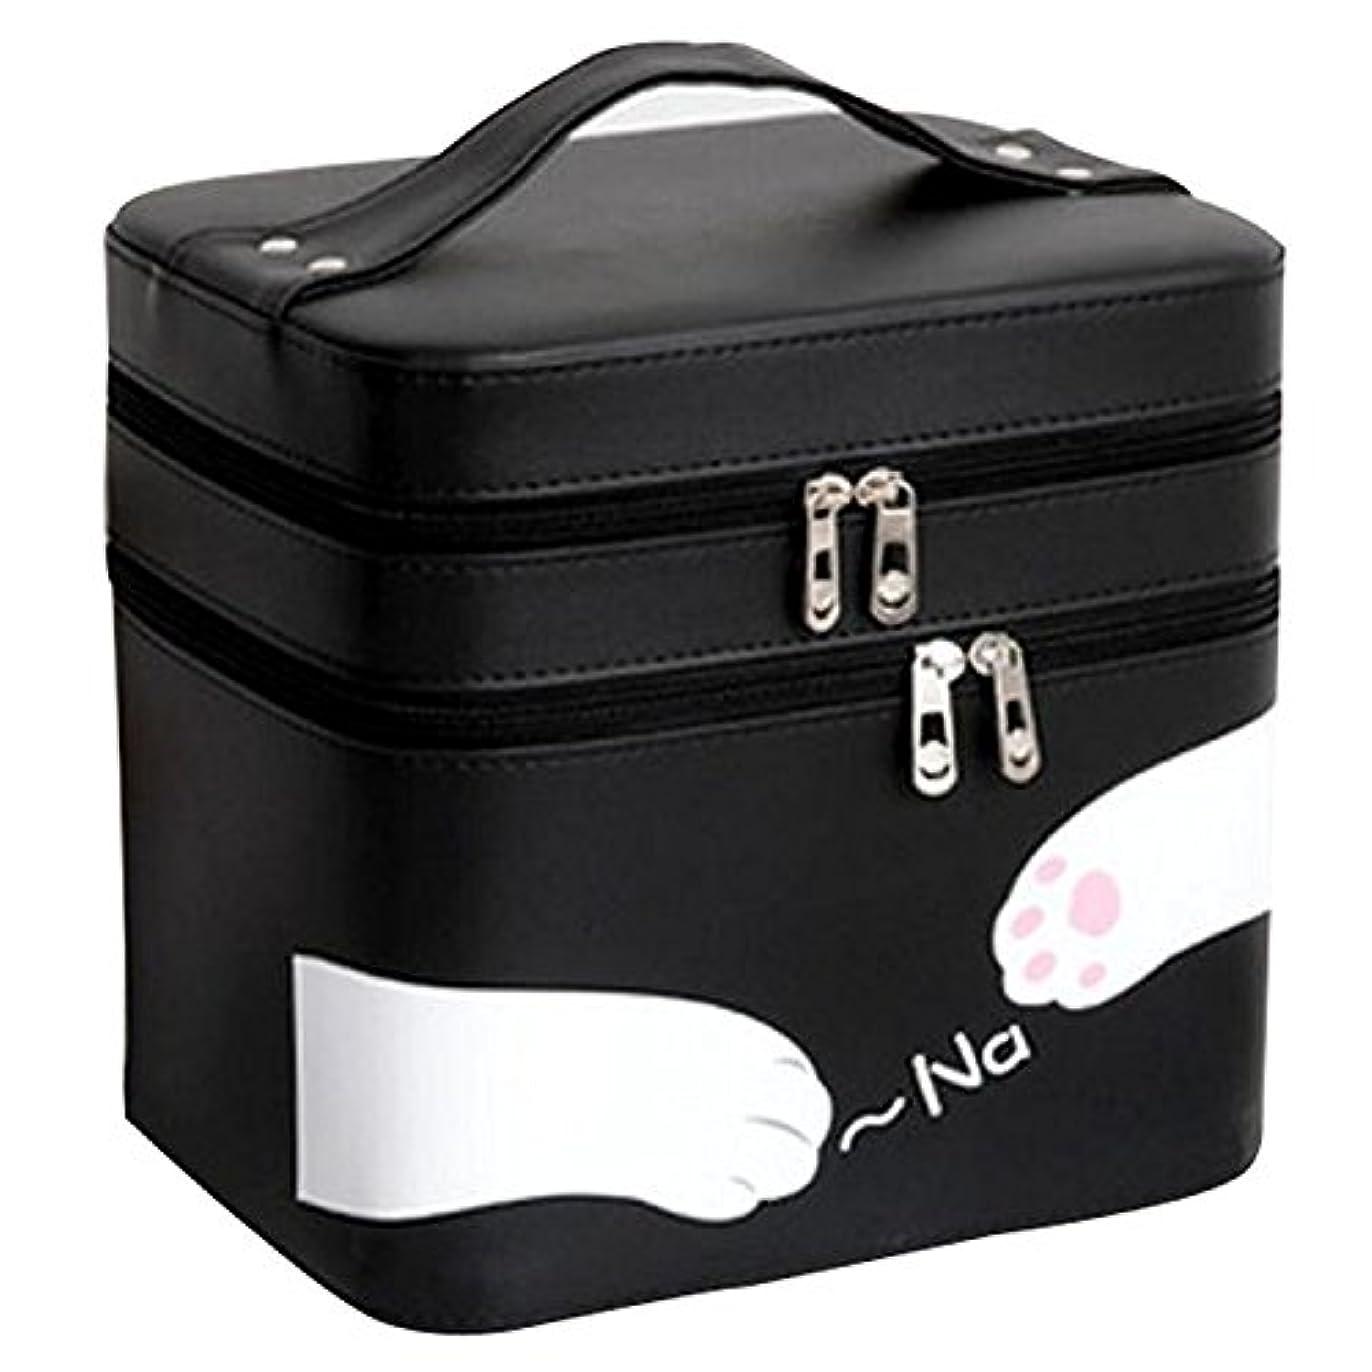 メタリック契約しただますFYX 化粧品収納 収納ケース コスメボックス メイク用品収納 小物入れ 大容量 取っ手付 ミラー付き 携帯に便利  カワイイネコ 3段タイプ (ブラック)